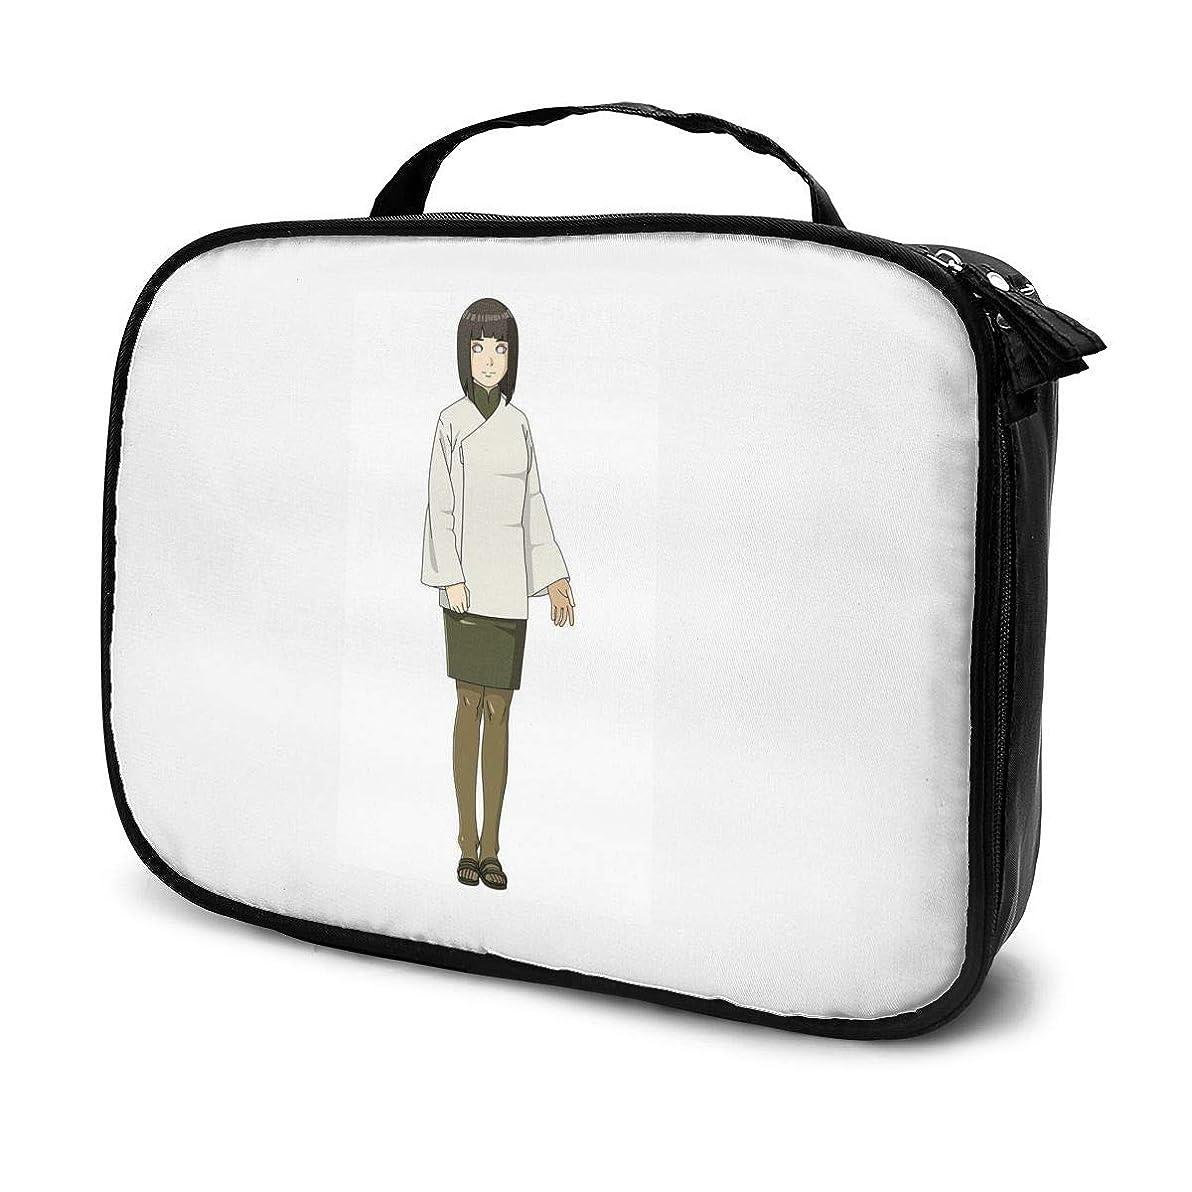 鉄道駅帝国主義モニターDaituサンシャインフィールド 化粧品袋の女性旅行バッグ収納大容量防水アクセサリー旅行